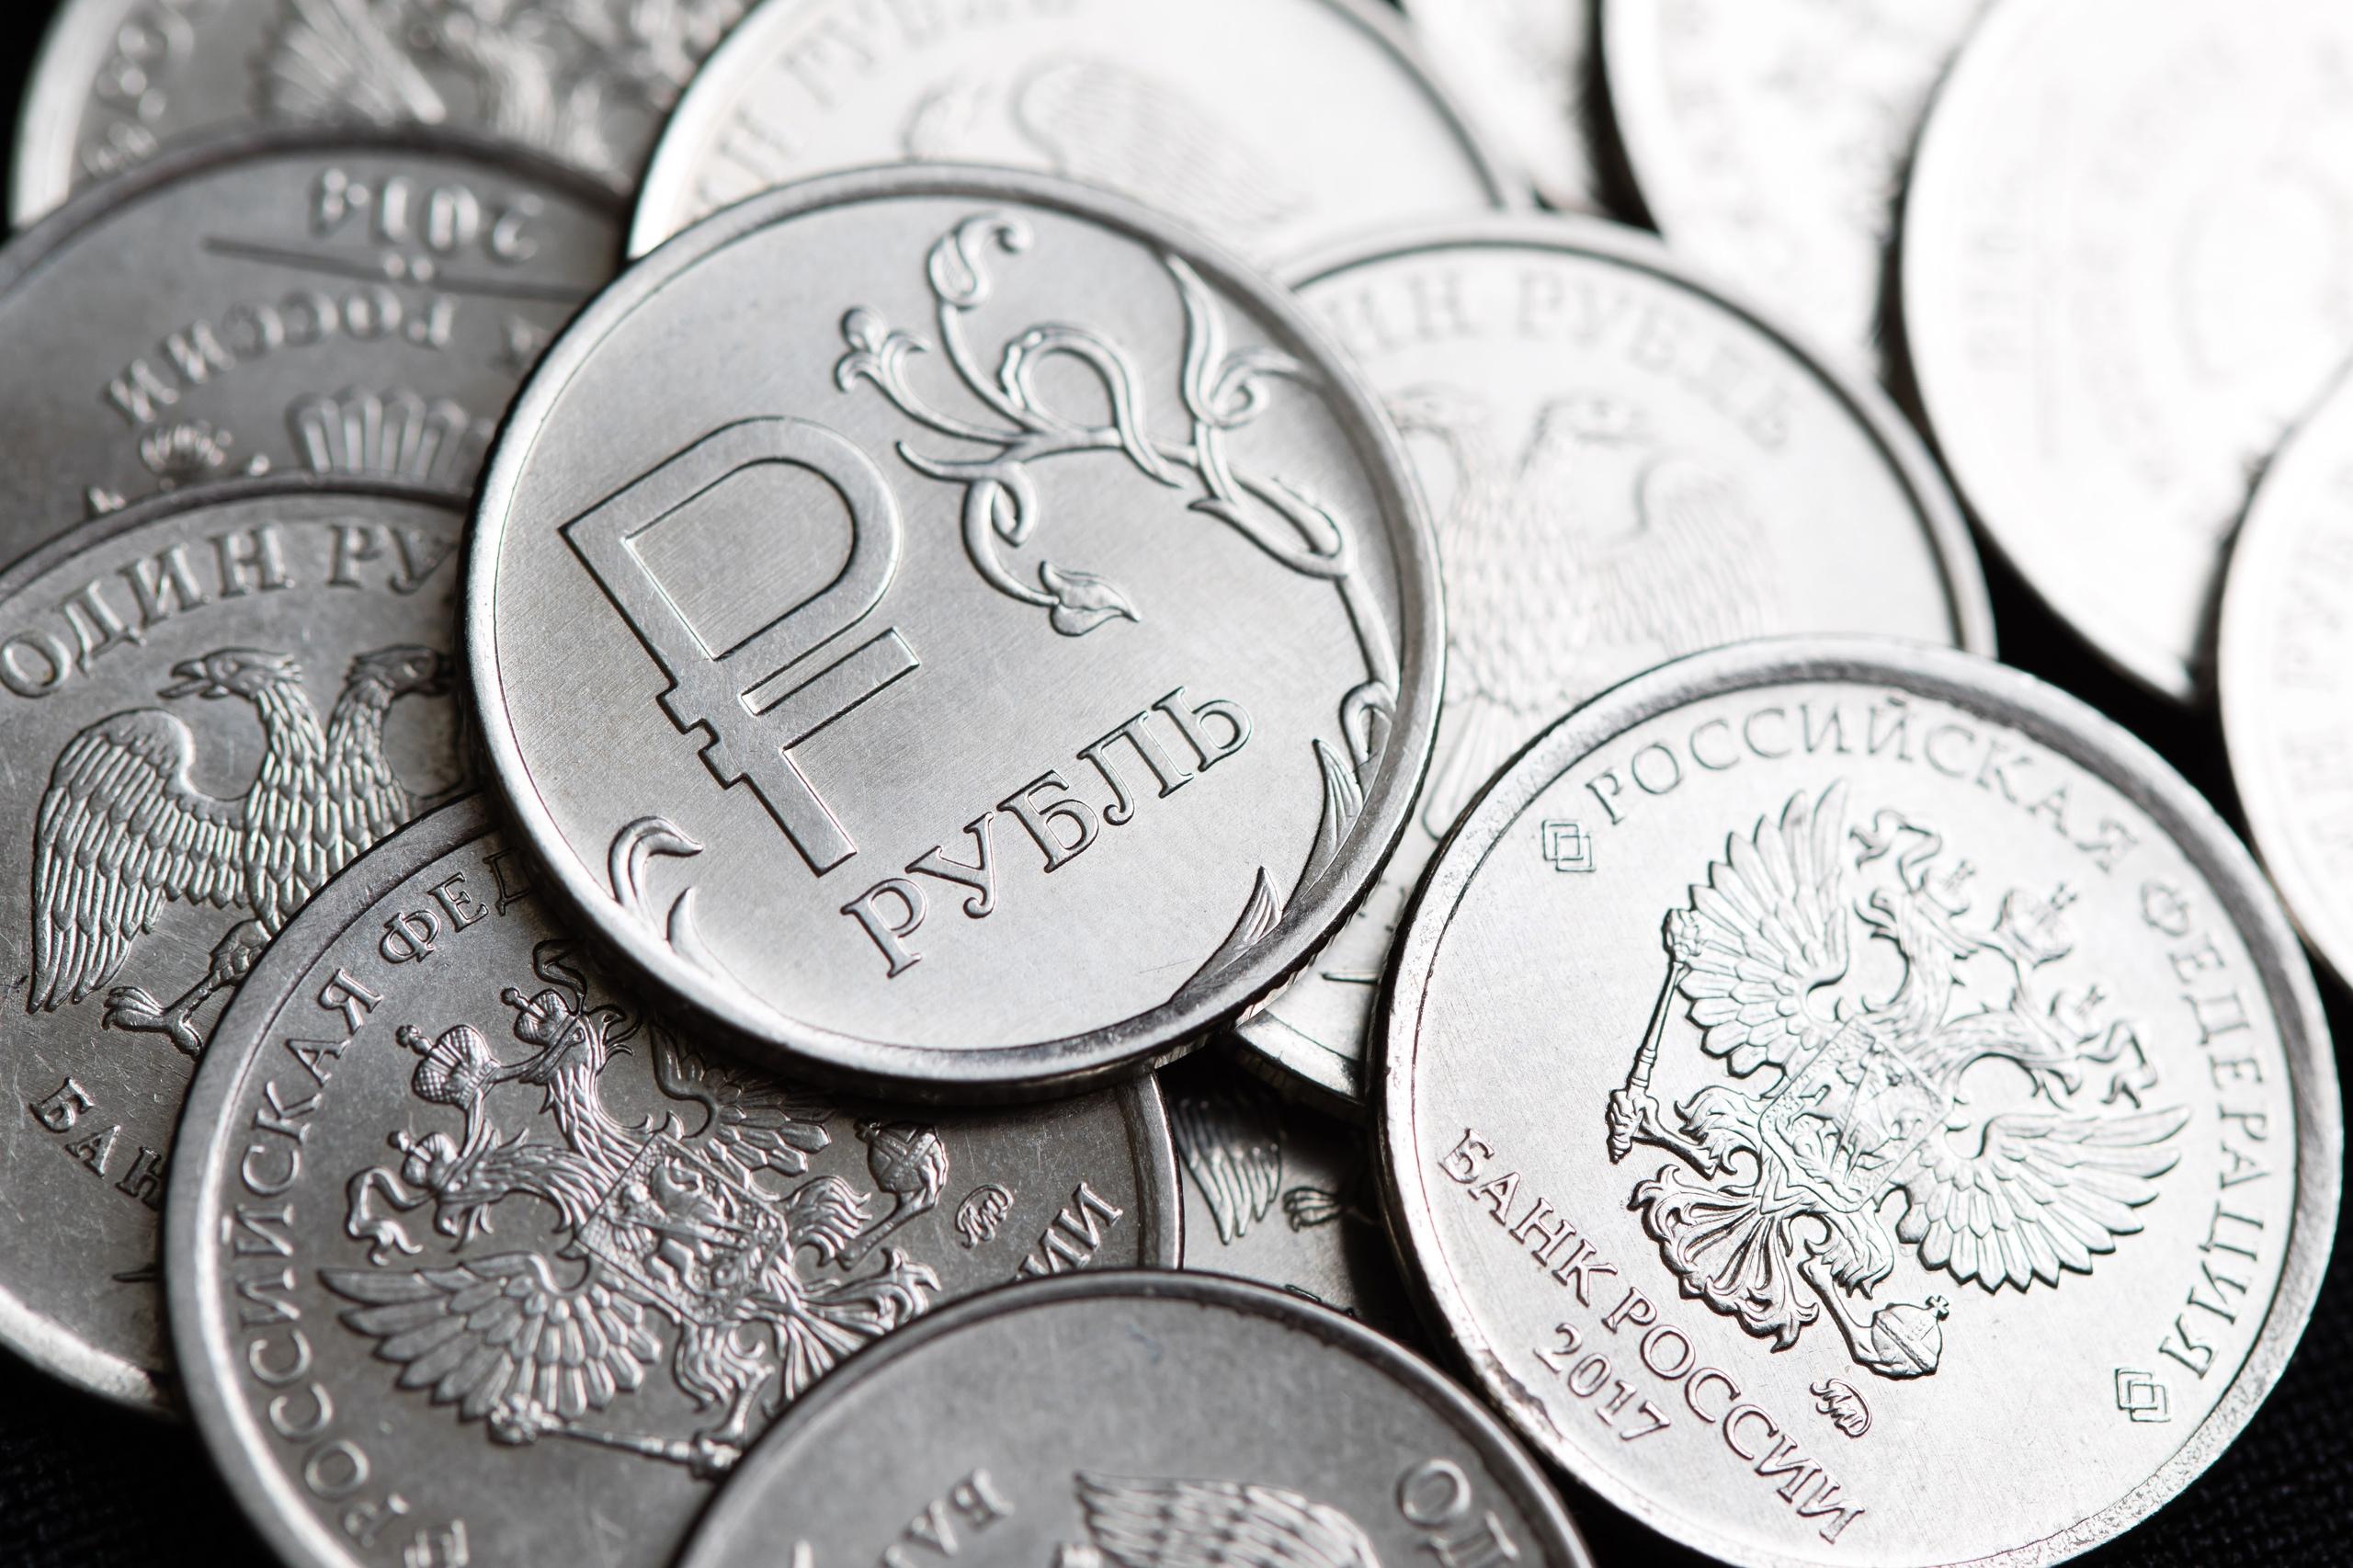 Федеральный бюджет также выплатилАО «Сибстройсервис» 120 237 рублей за уплаченные ранее пошлины